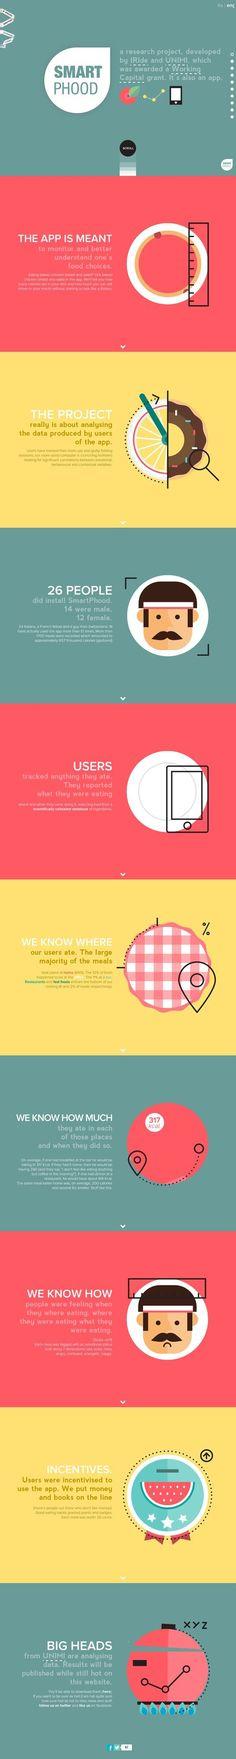 Smartphood - Colorful Website Design